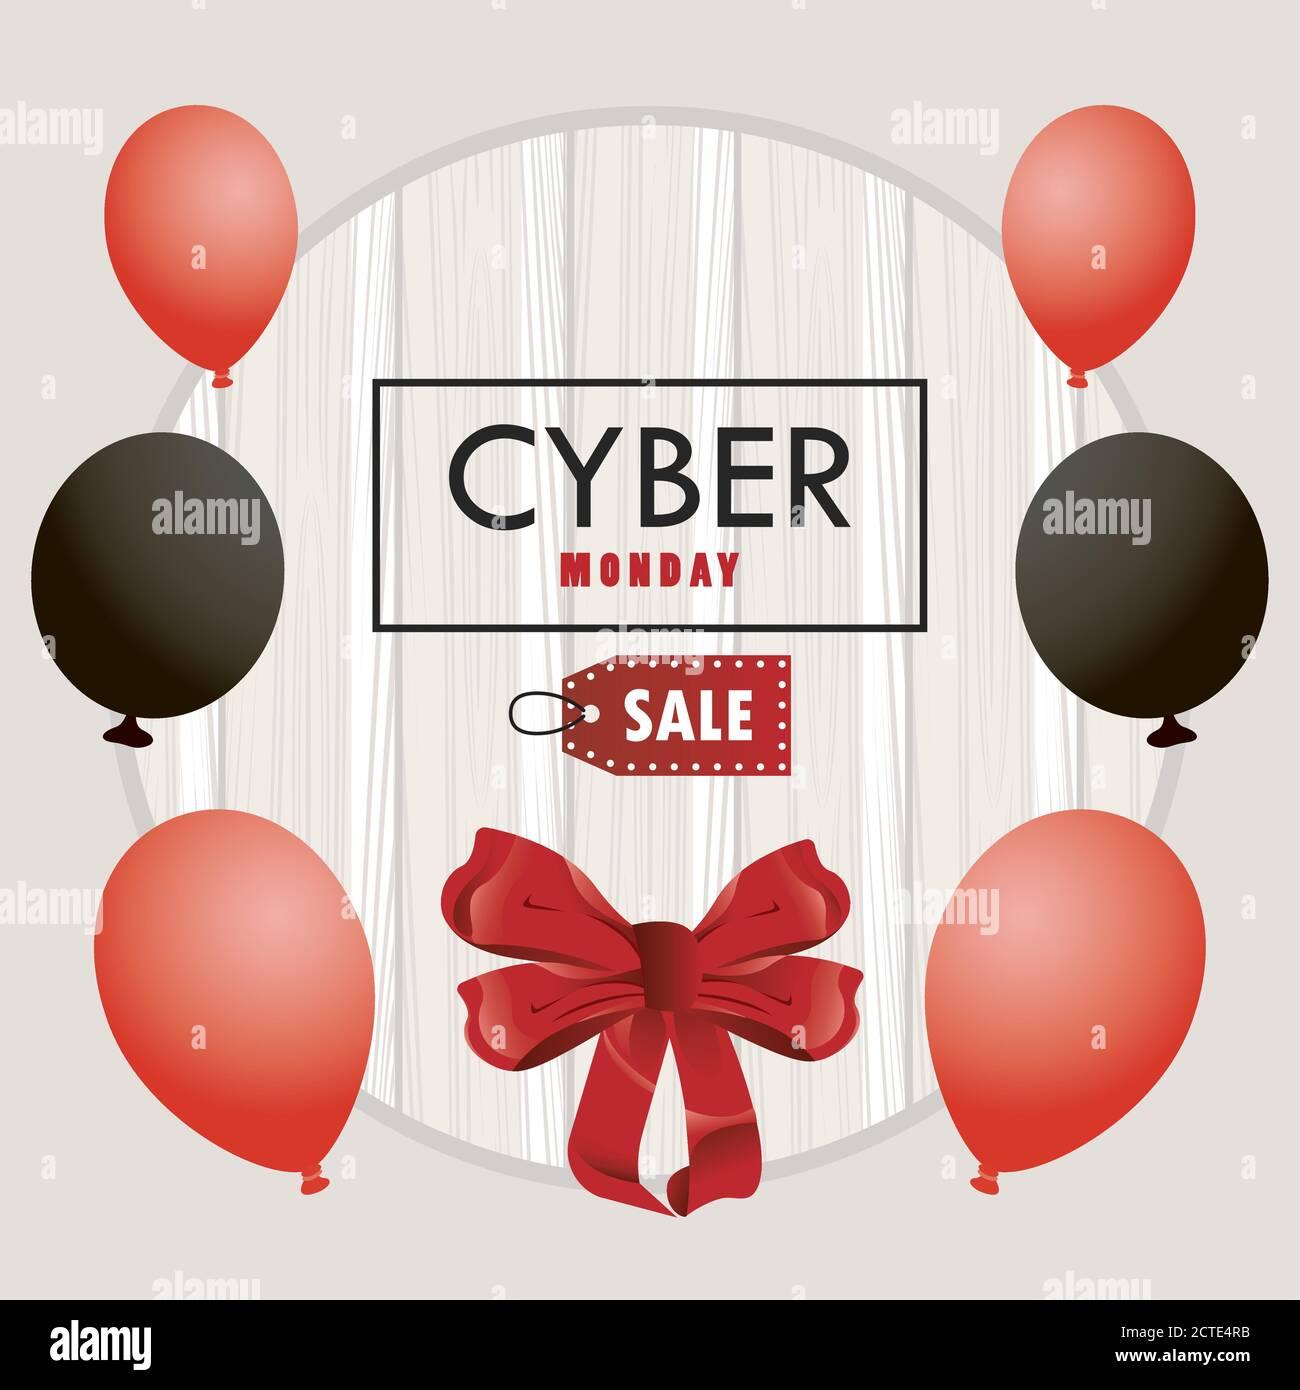 cartel de cyber monday con globos en color rojo y negro helio en madera fondo vector ilustración diseño Ilustración del Vector